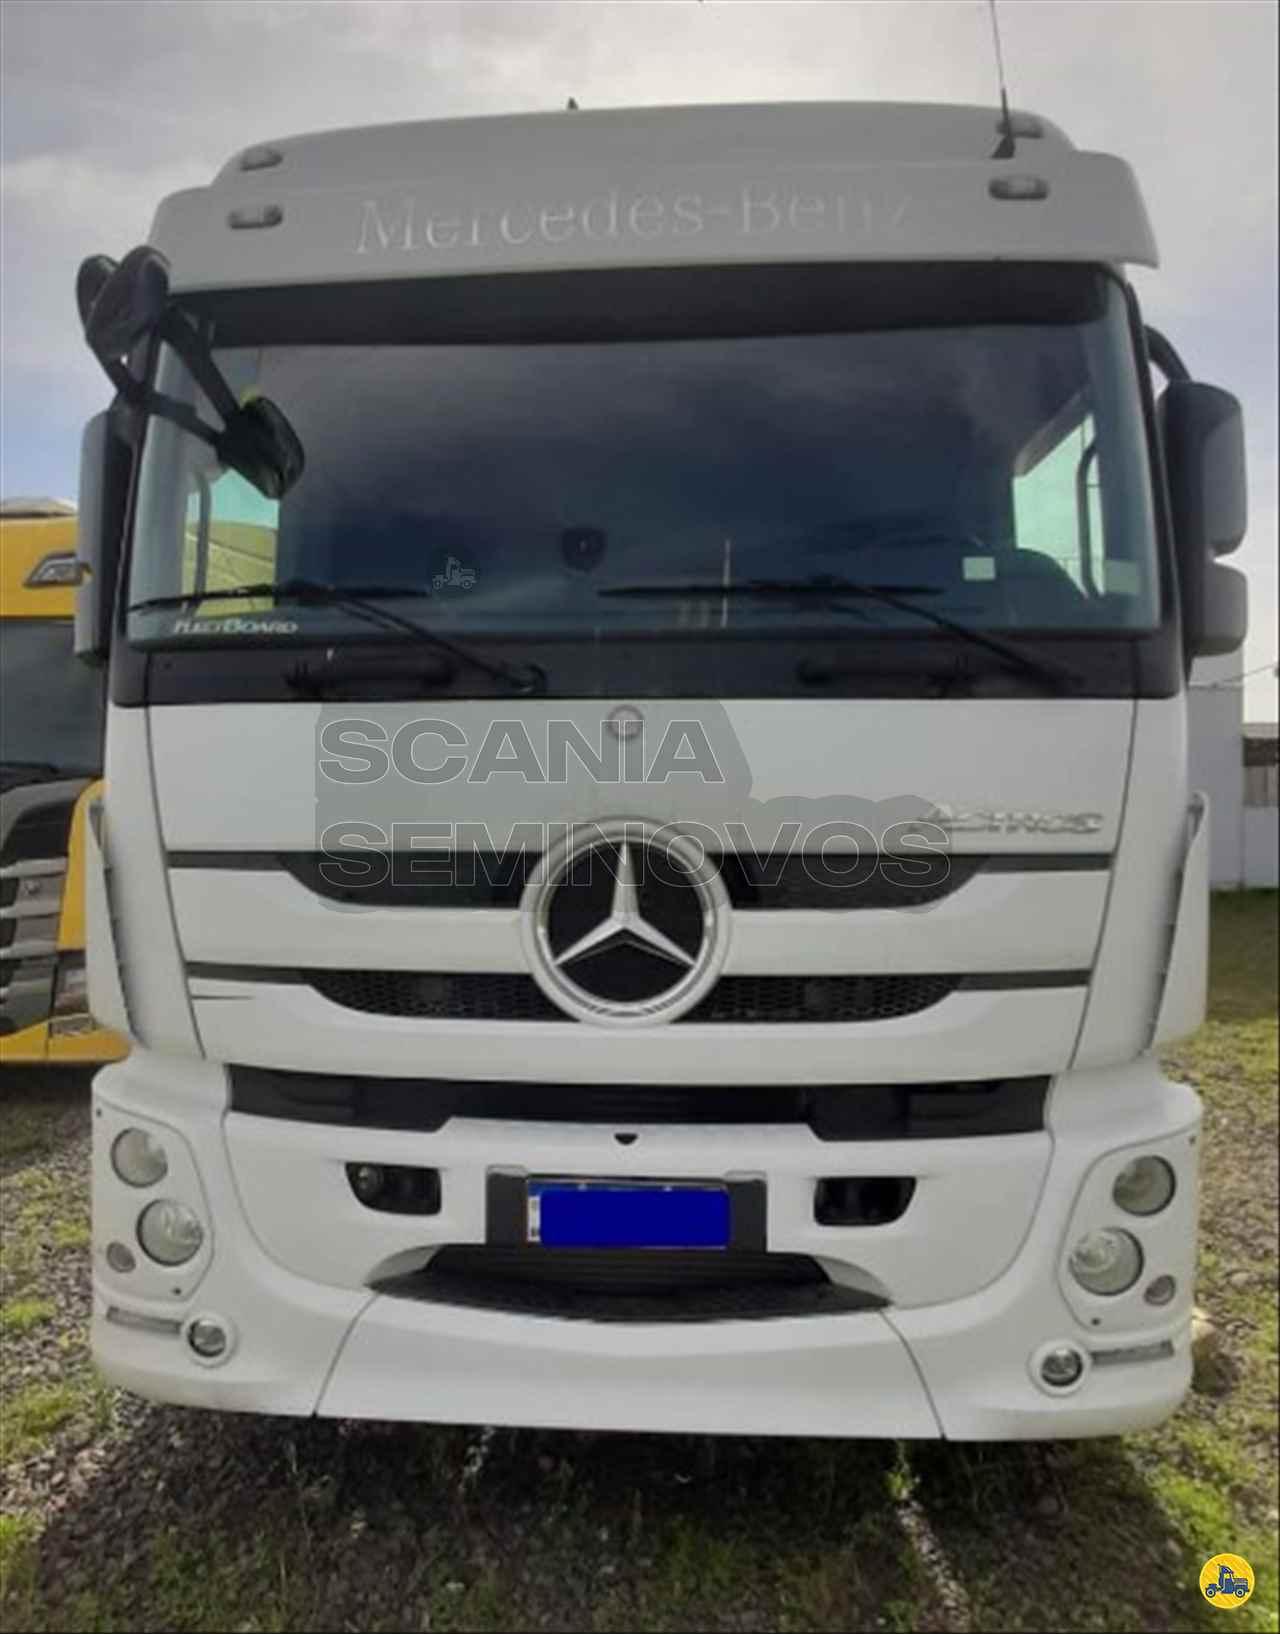 CAMINHAO MERCEDES-BENZ MB 2546 Chassis Truck 6x2 Codema Seminovos - Scania GUARULHOS SÃO PAULO SP